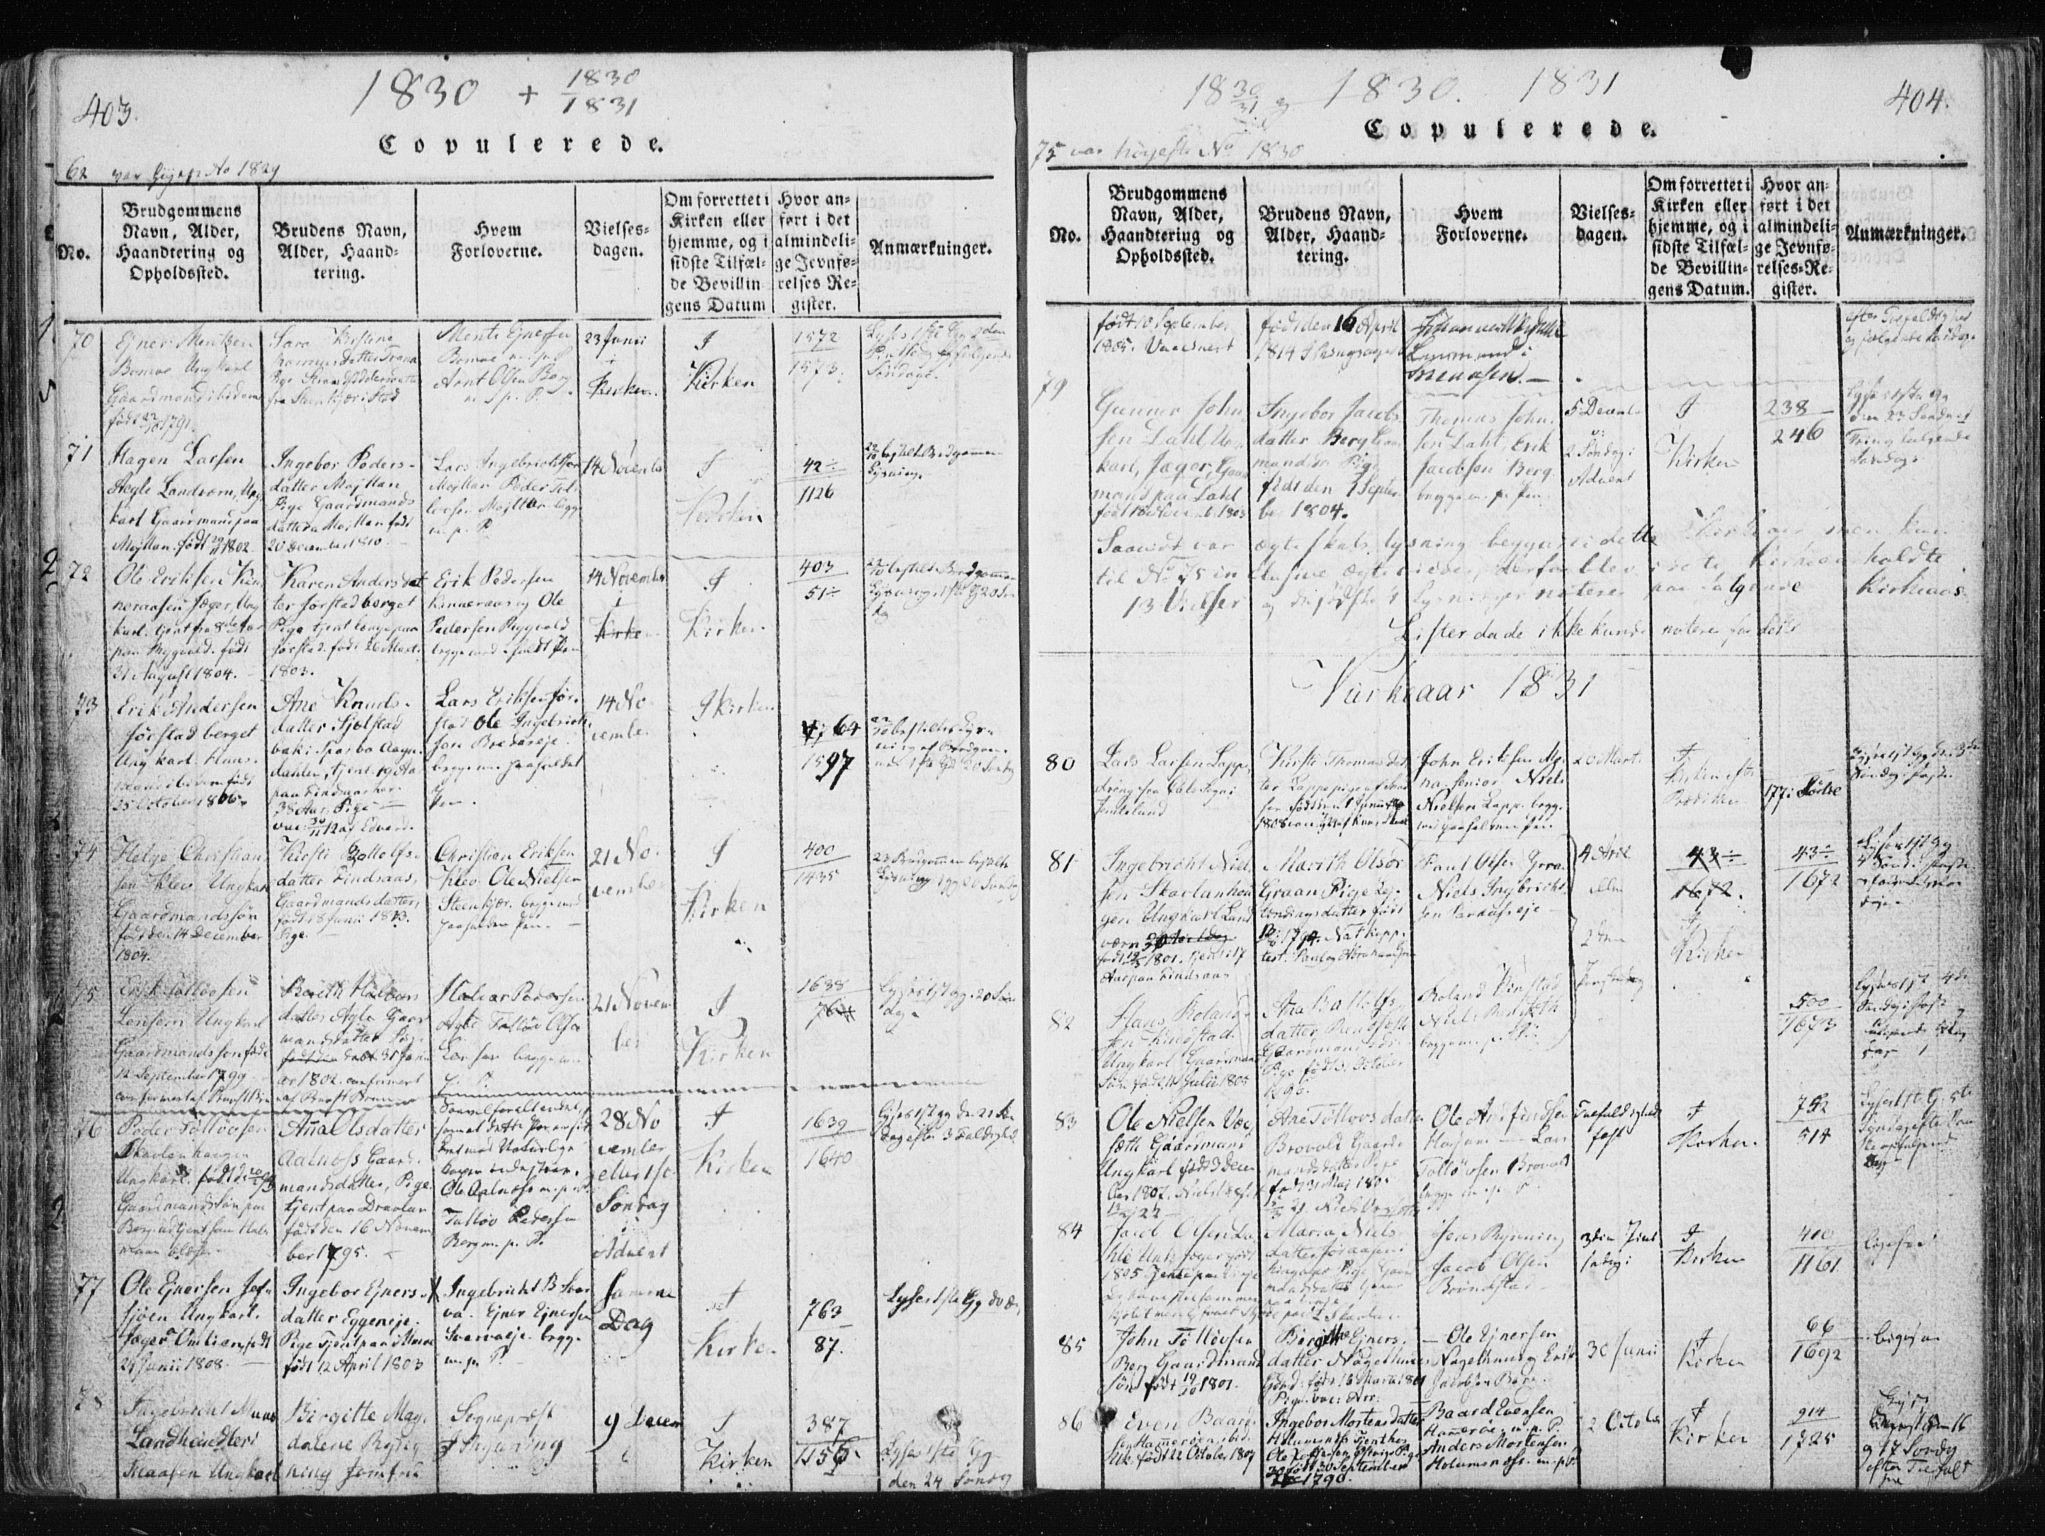 SAT, Ministerialprotokoller, klokkerbøker og fødselsregistre - Nord-Trøndelag, 749/L0469: Ministerialbok nr. 749A03, 1817-1857, s. 403-404